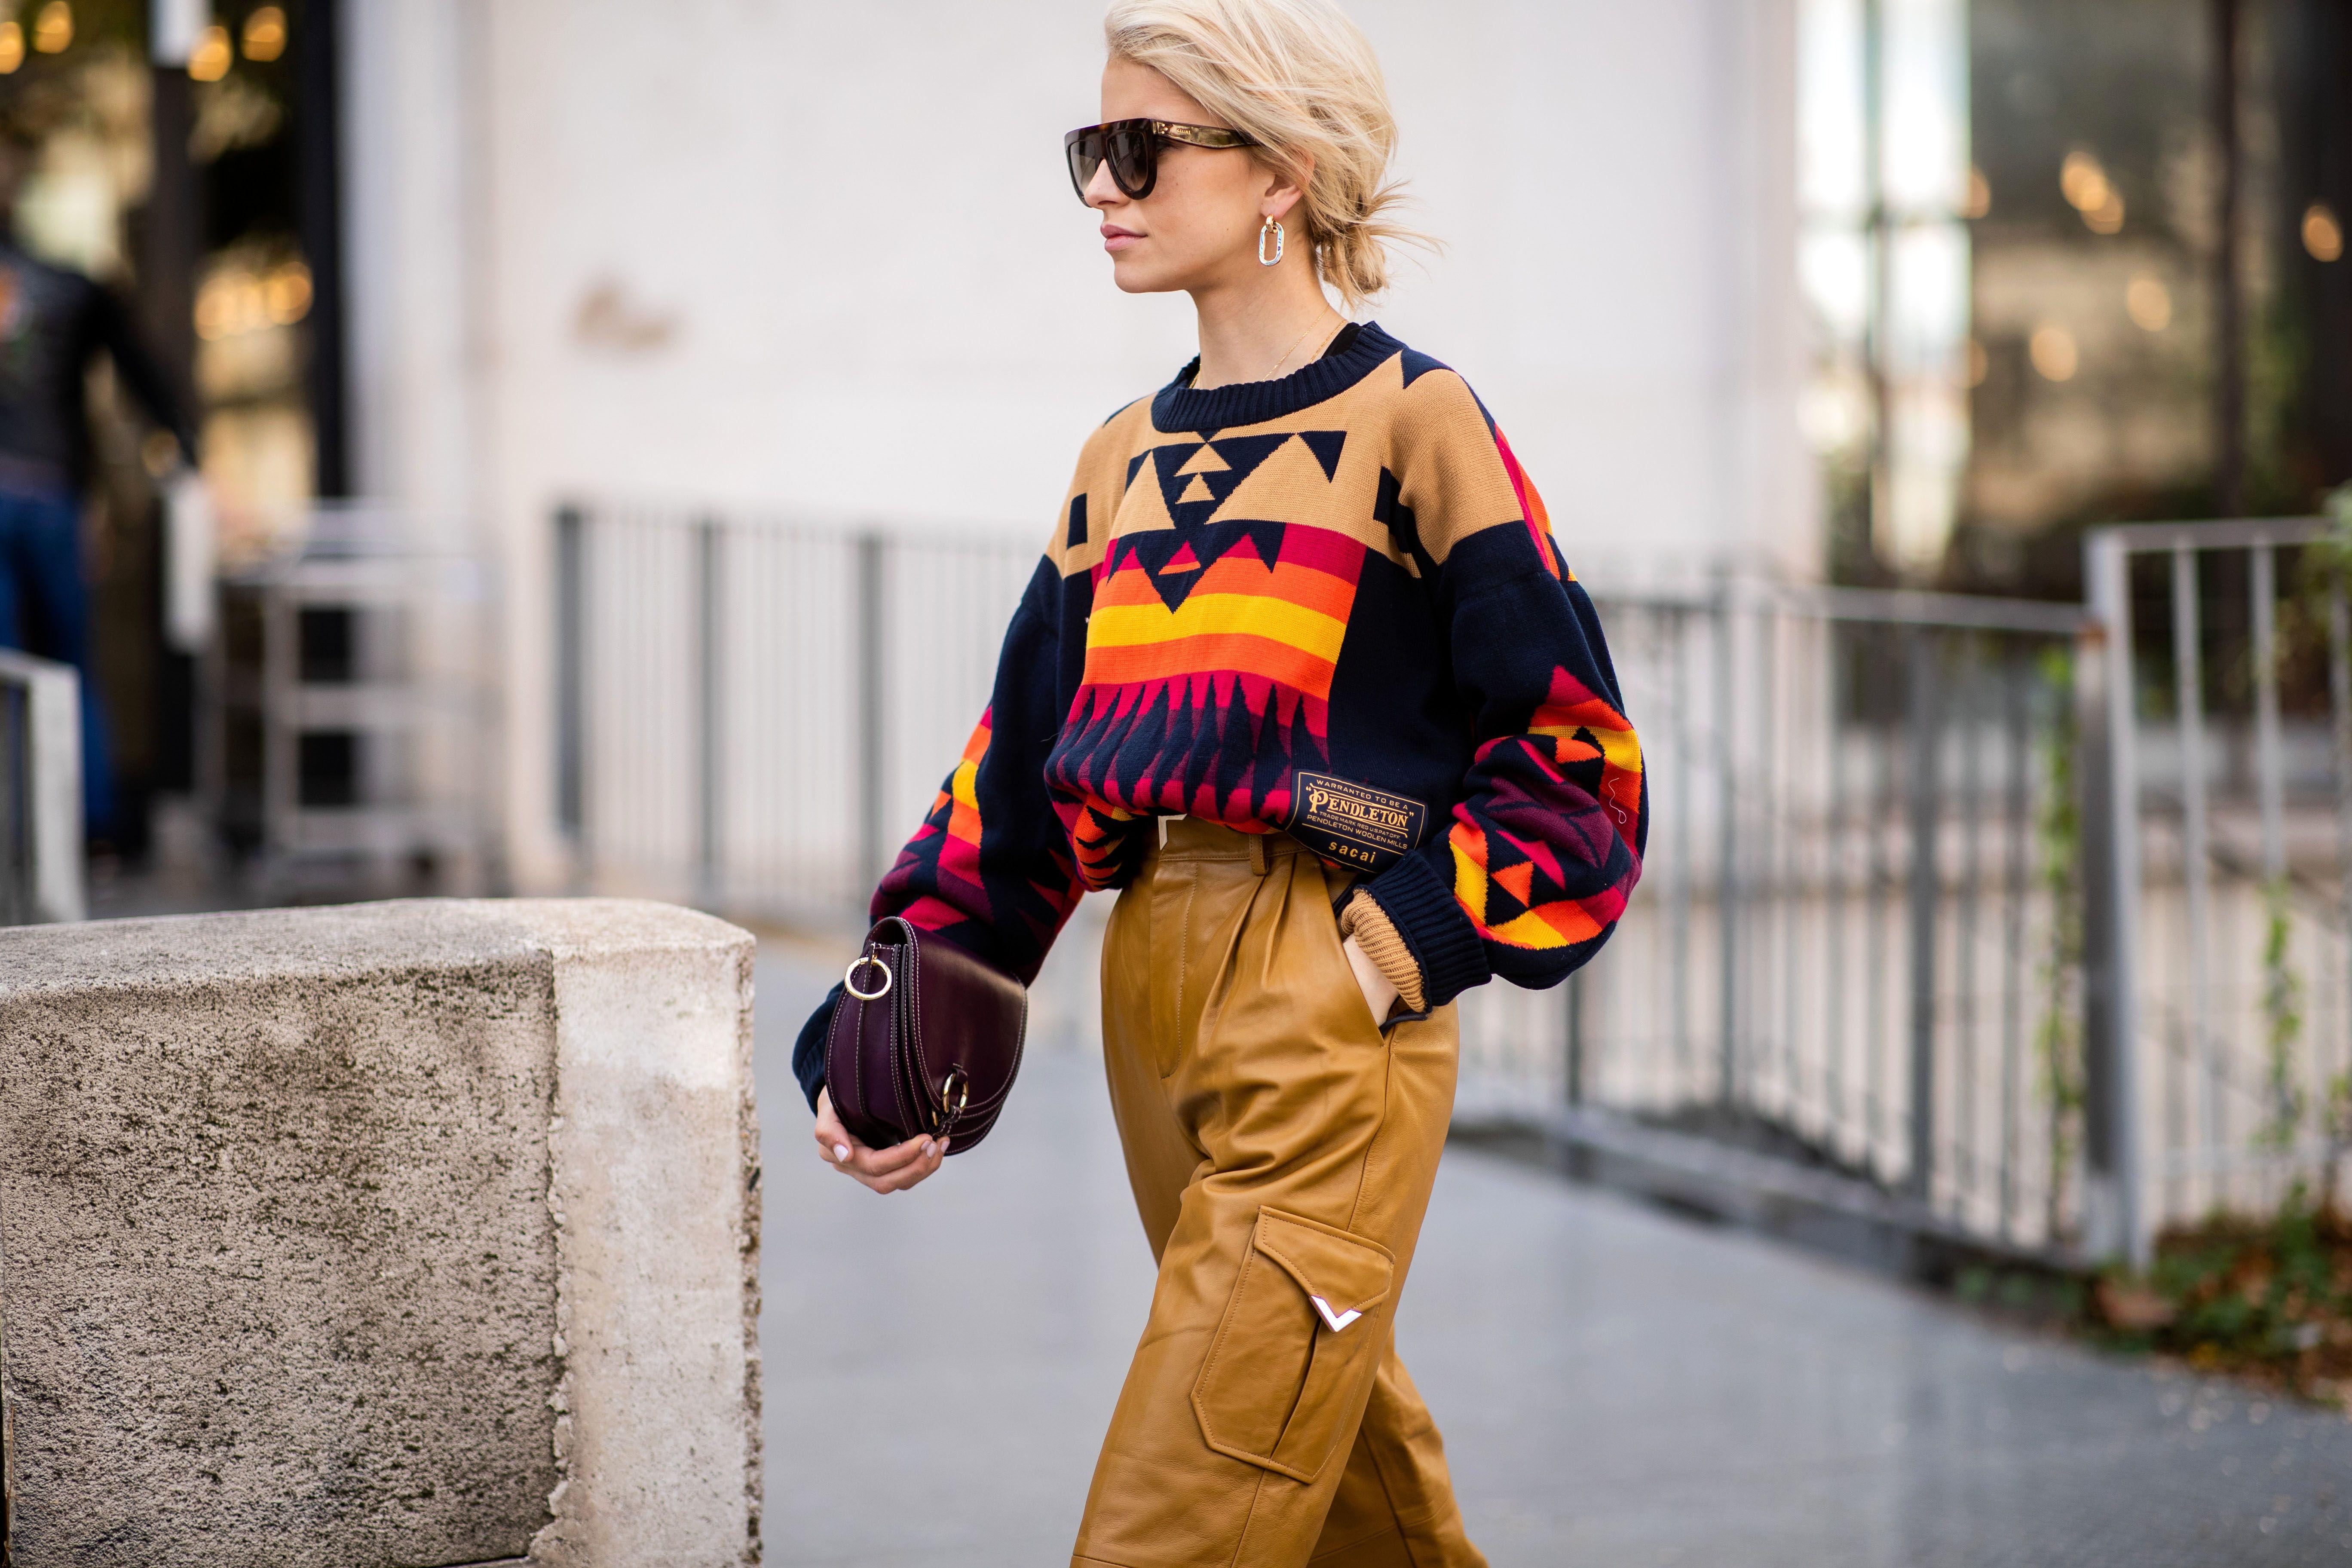 毛衣起毛球, 生活小知識, 羊毛衫, 衣服保養, 針織衫�